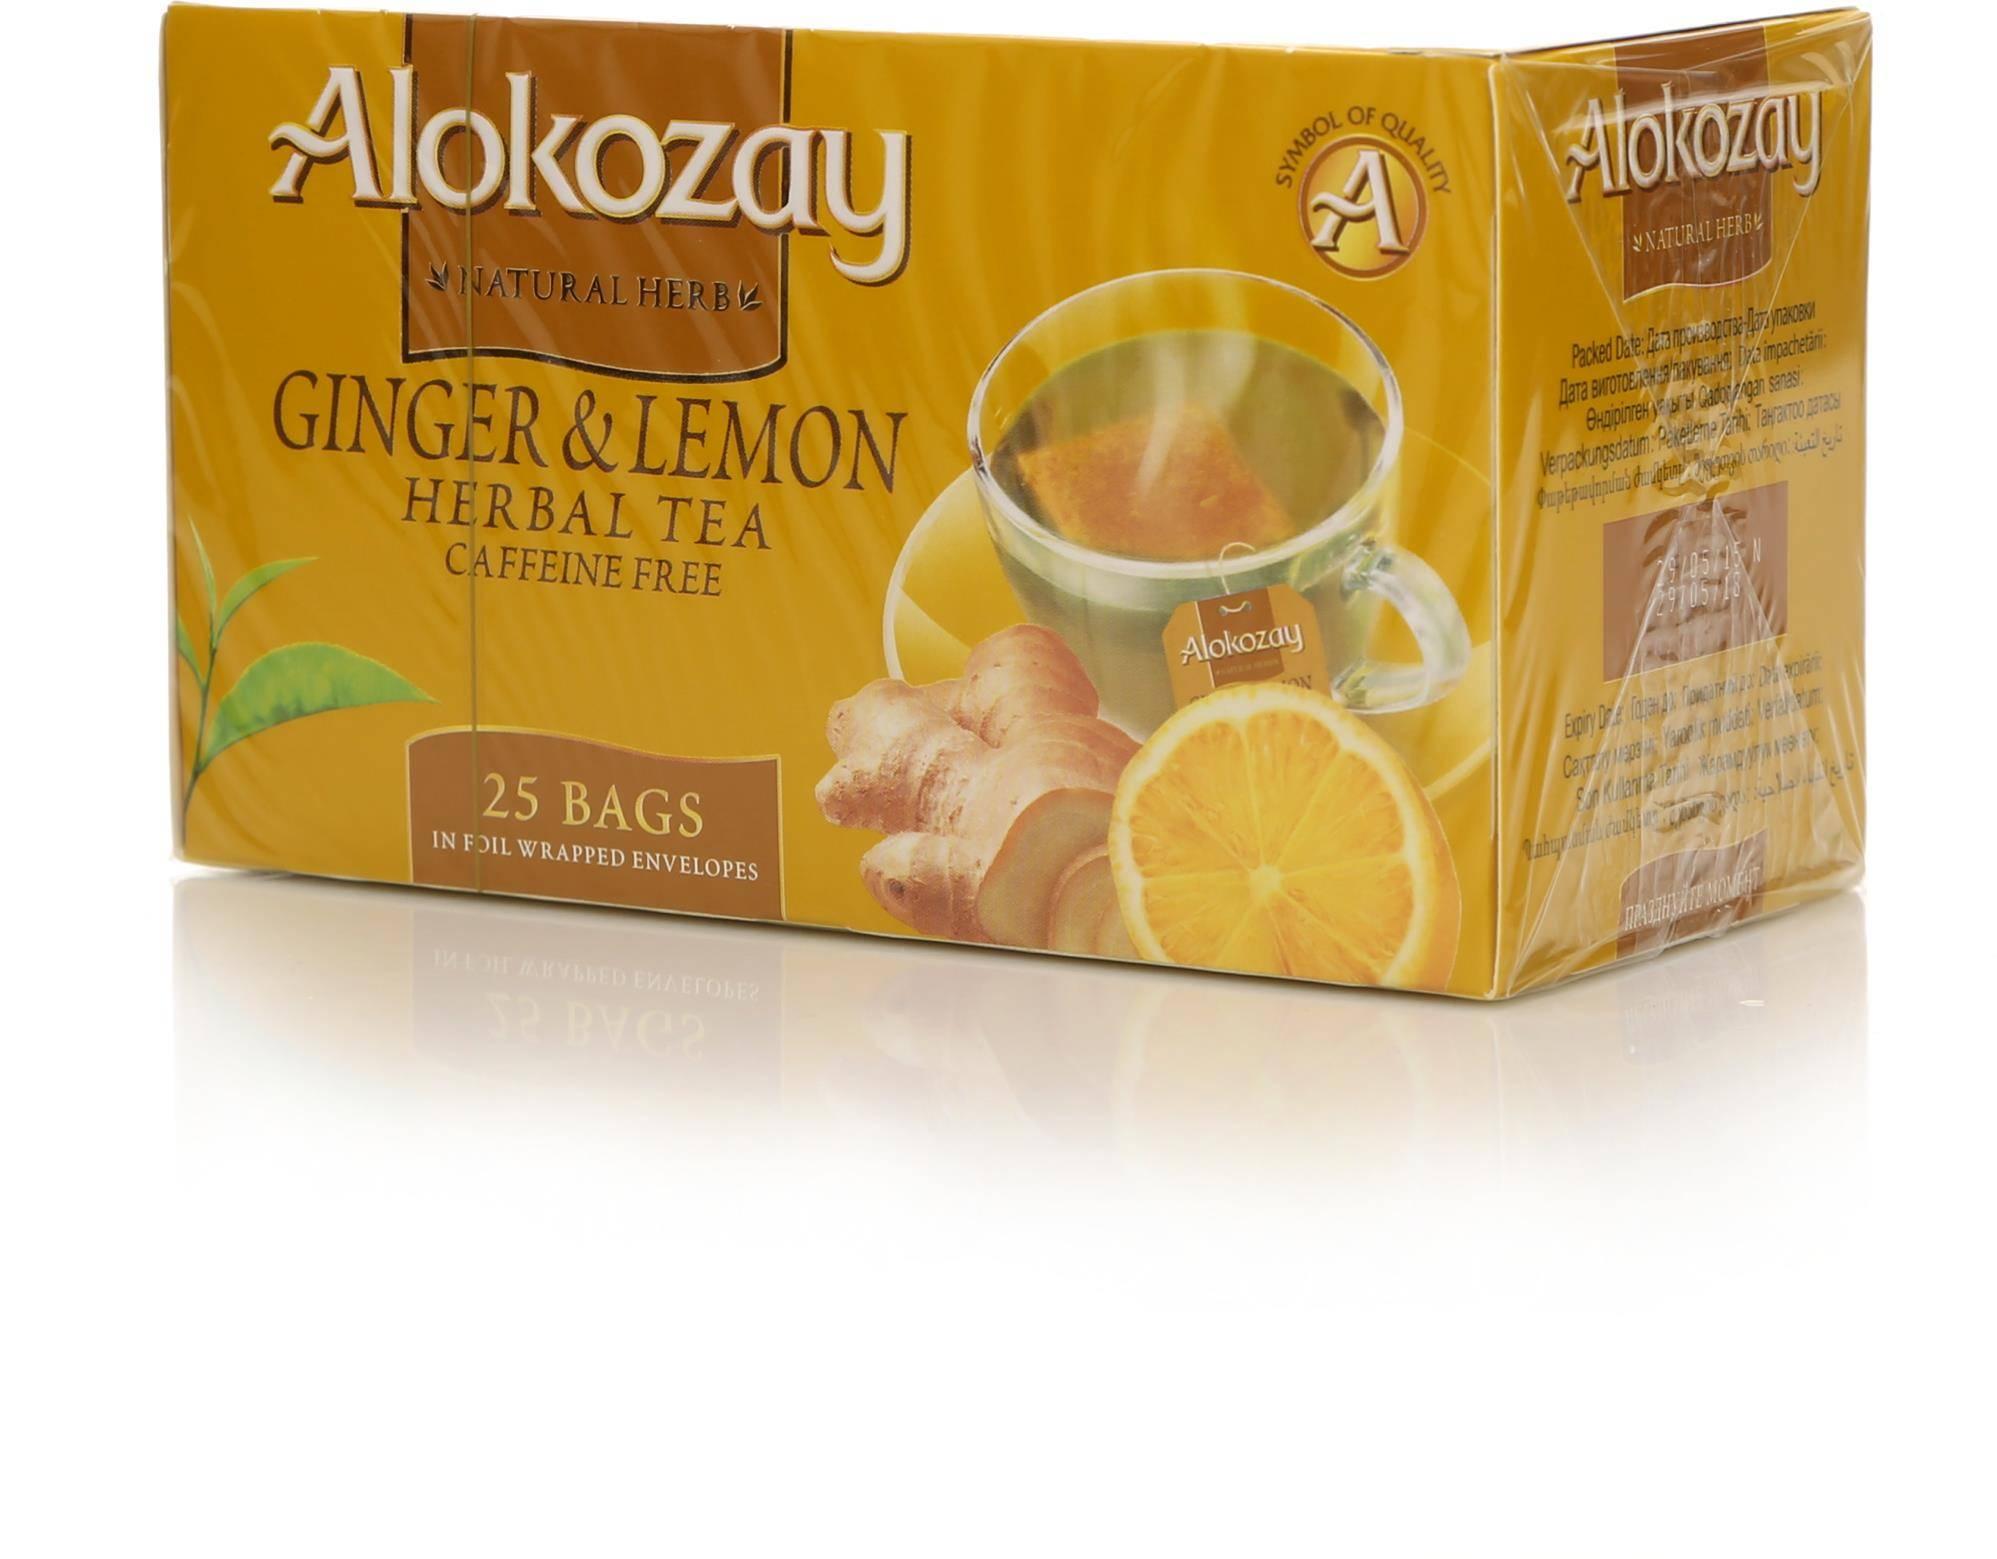 Чай алокозай: свойства и ассортимент, производитель